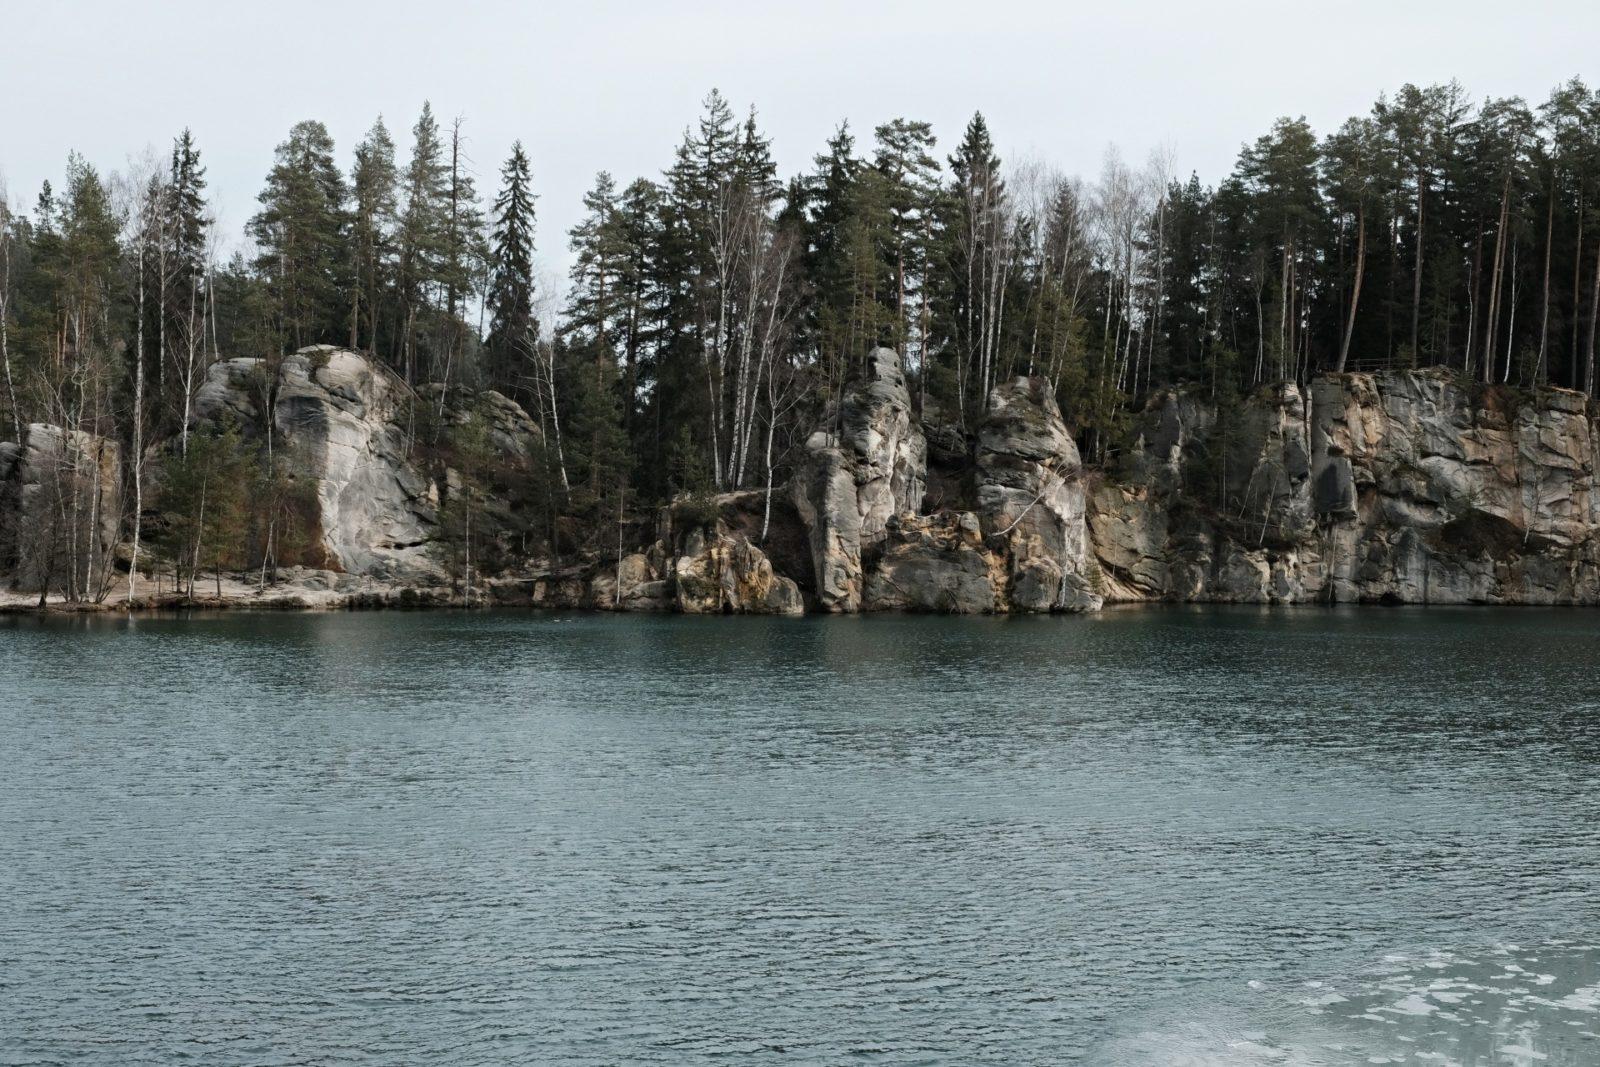 Adršpach, Skalne Miasto wCzechach, zalany kamieniołom, góry adrszpaskie